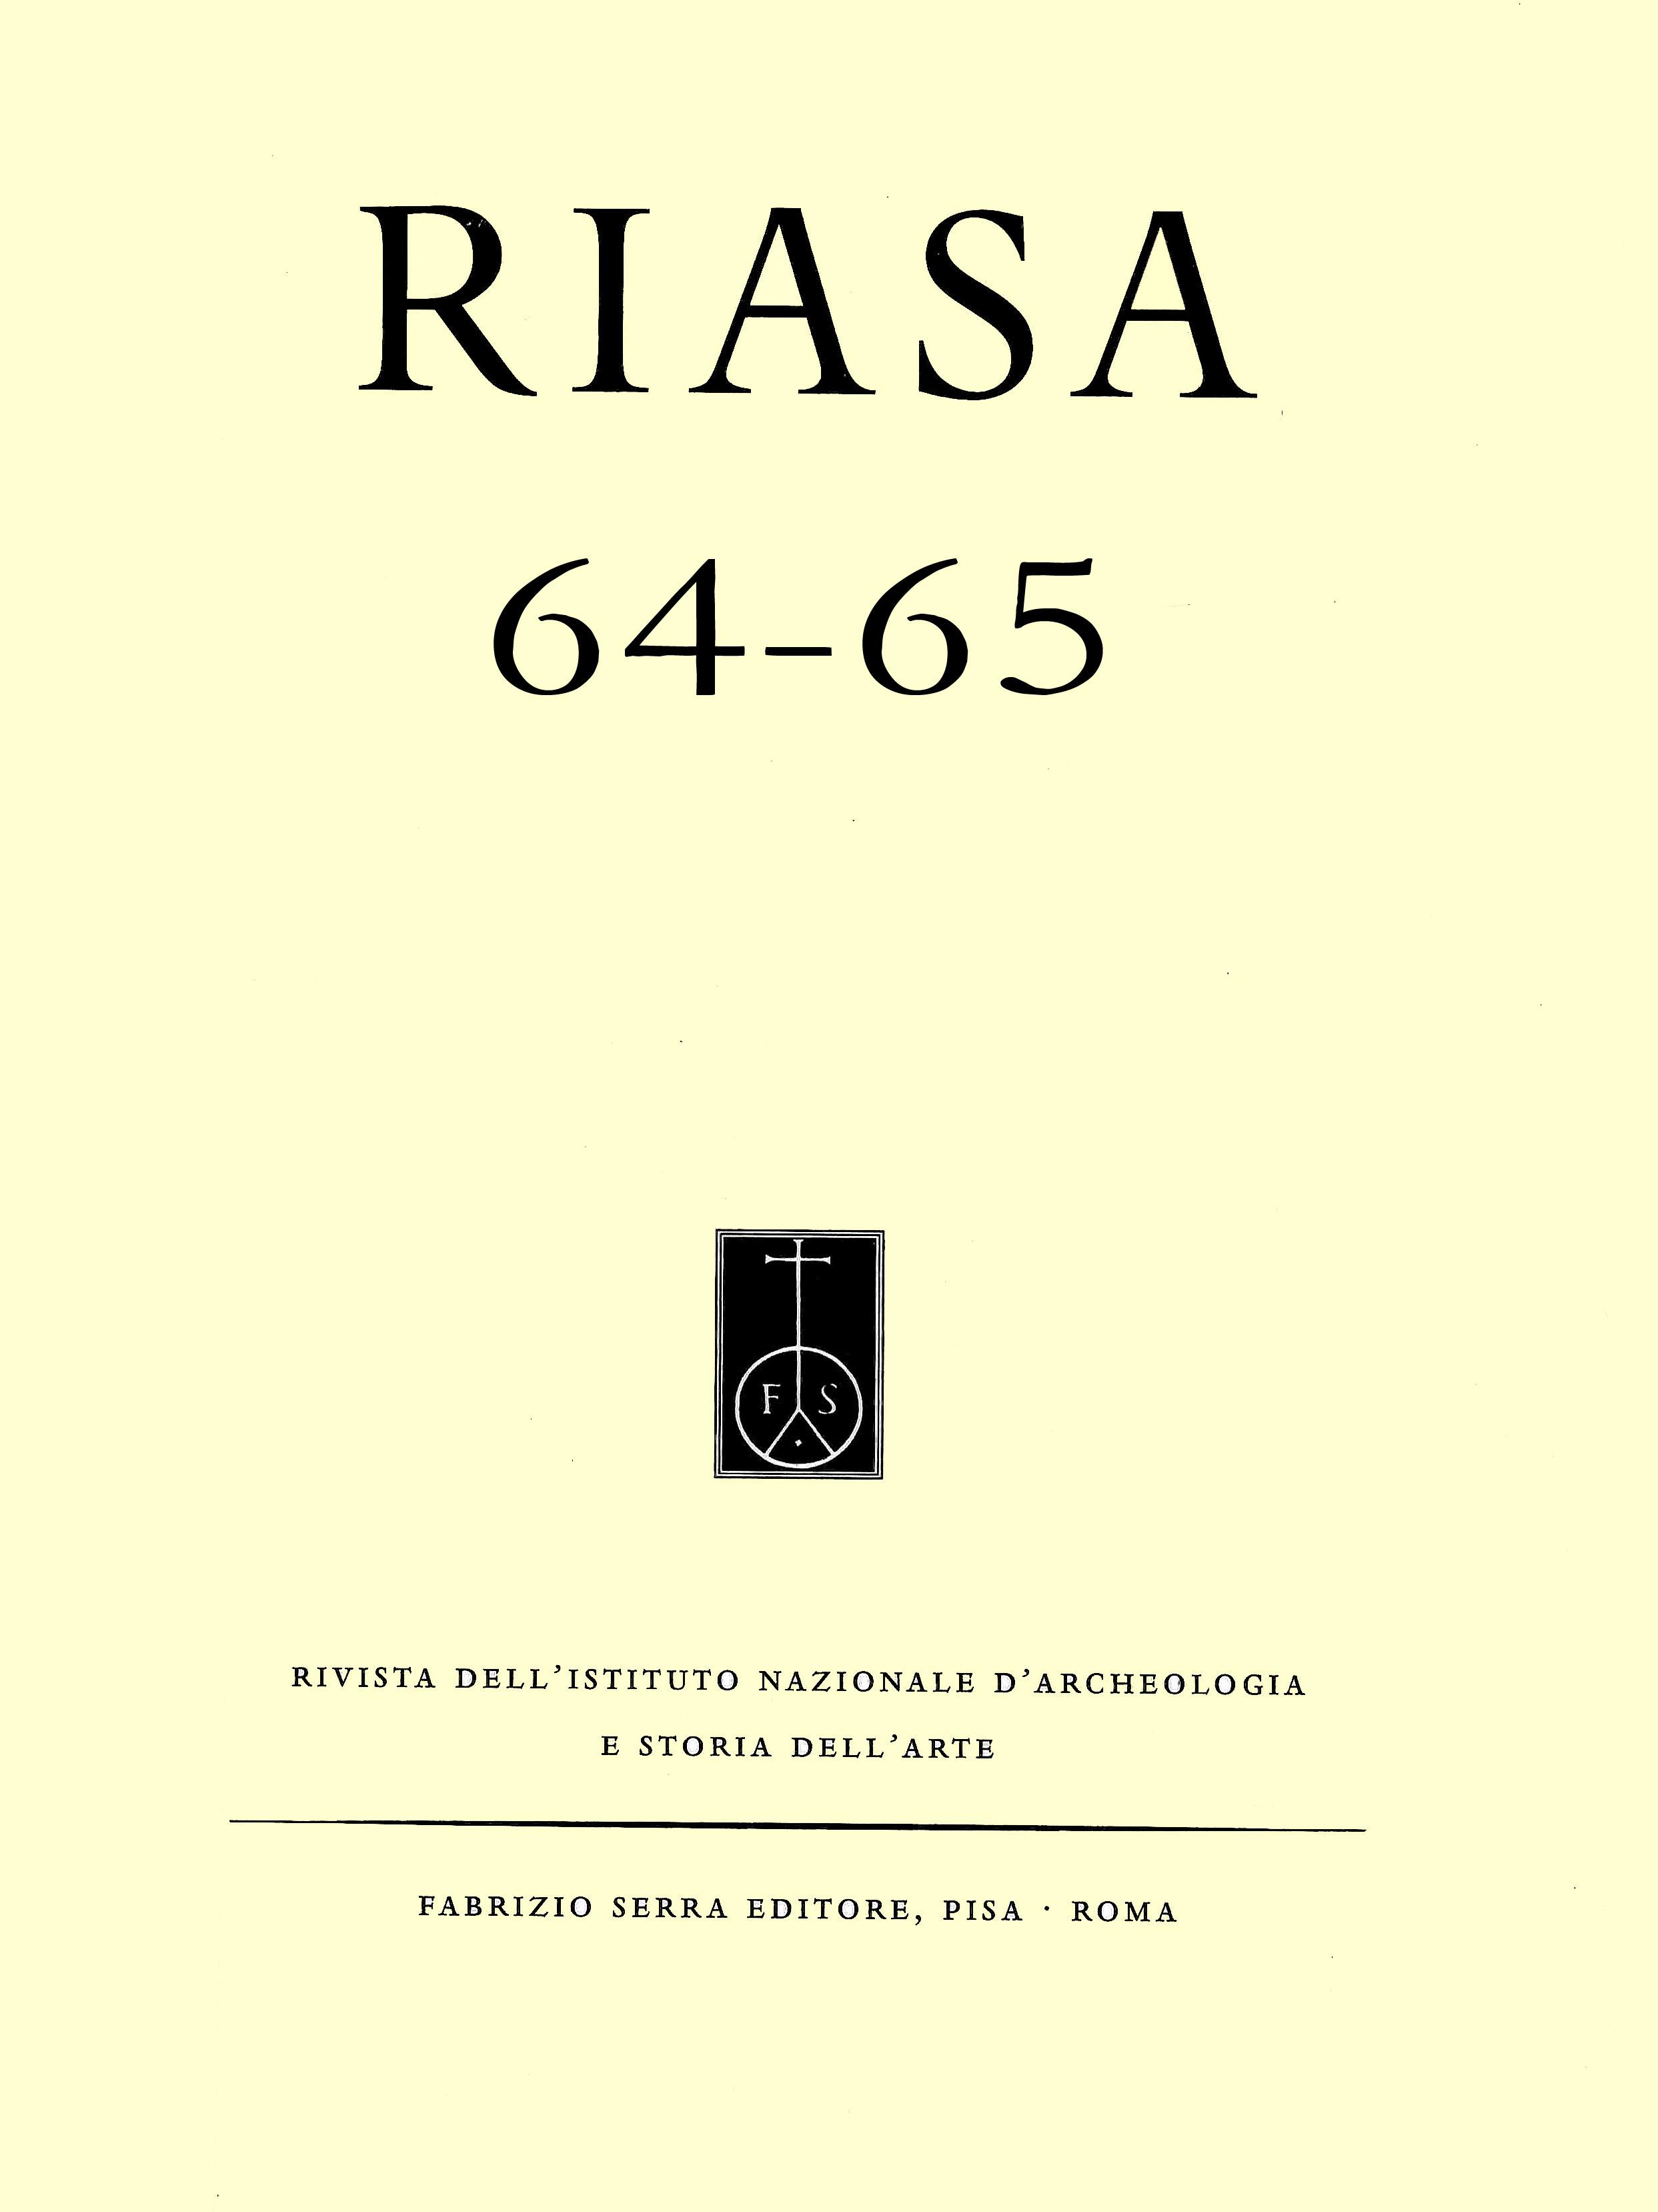 RIASA 64 65